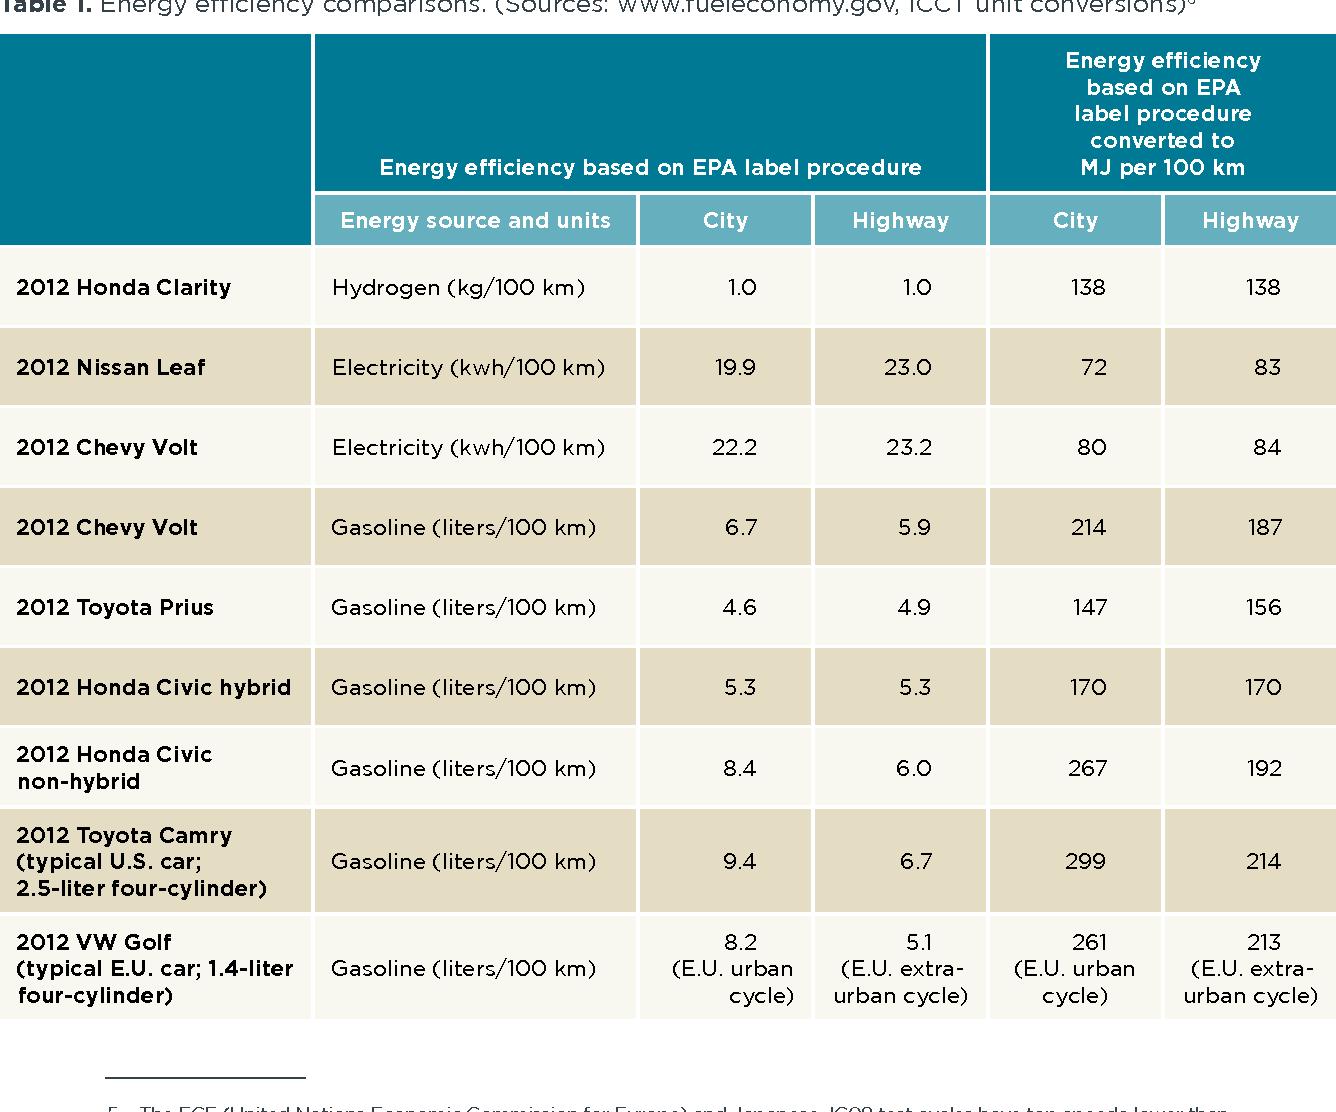 Table 1. energy efficiency comparisons. (sources: www.fueleconomy.gov, icct unit conversions)6